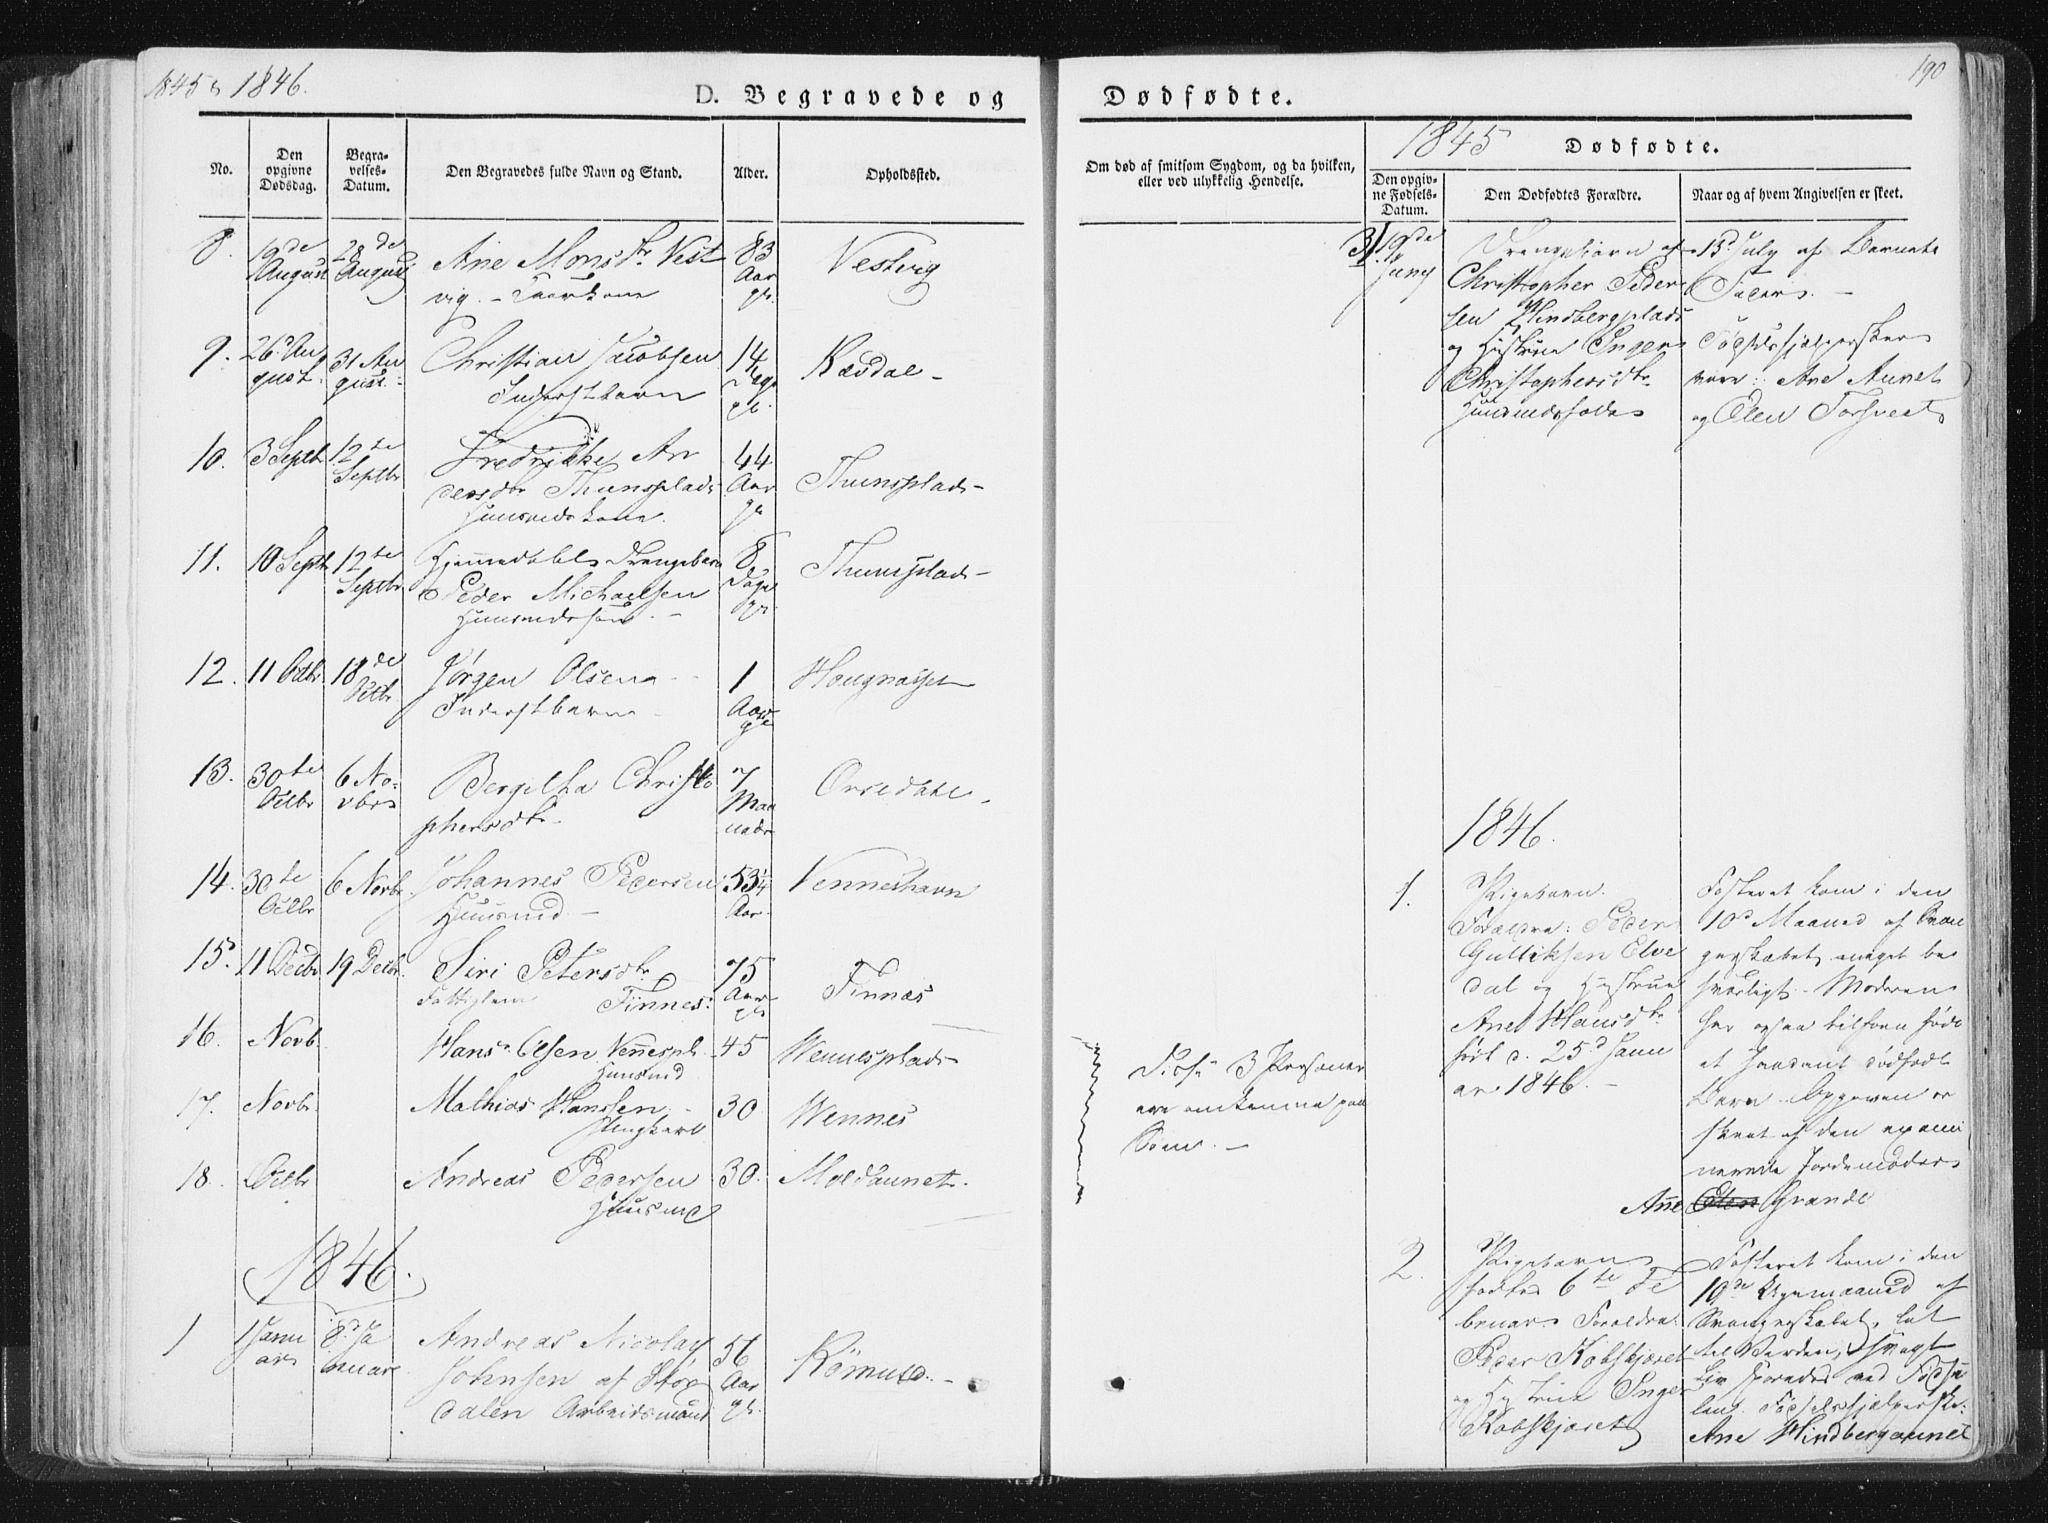 SAT, Ministerialprotokoller, klokkerbøker og fødselsregistre - Nord-Trøndelag, 744/L0418: Ministerialbok nr. 744A02, 1843-1866, s. 190